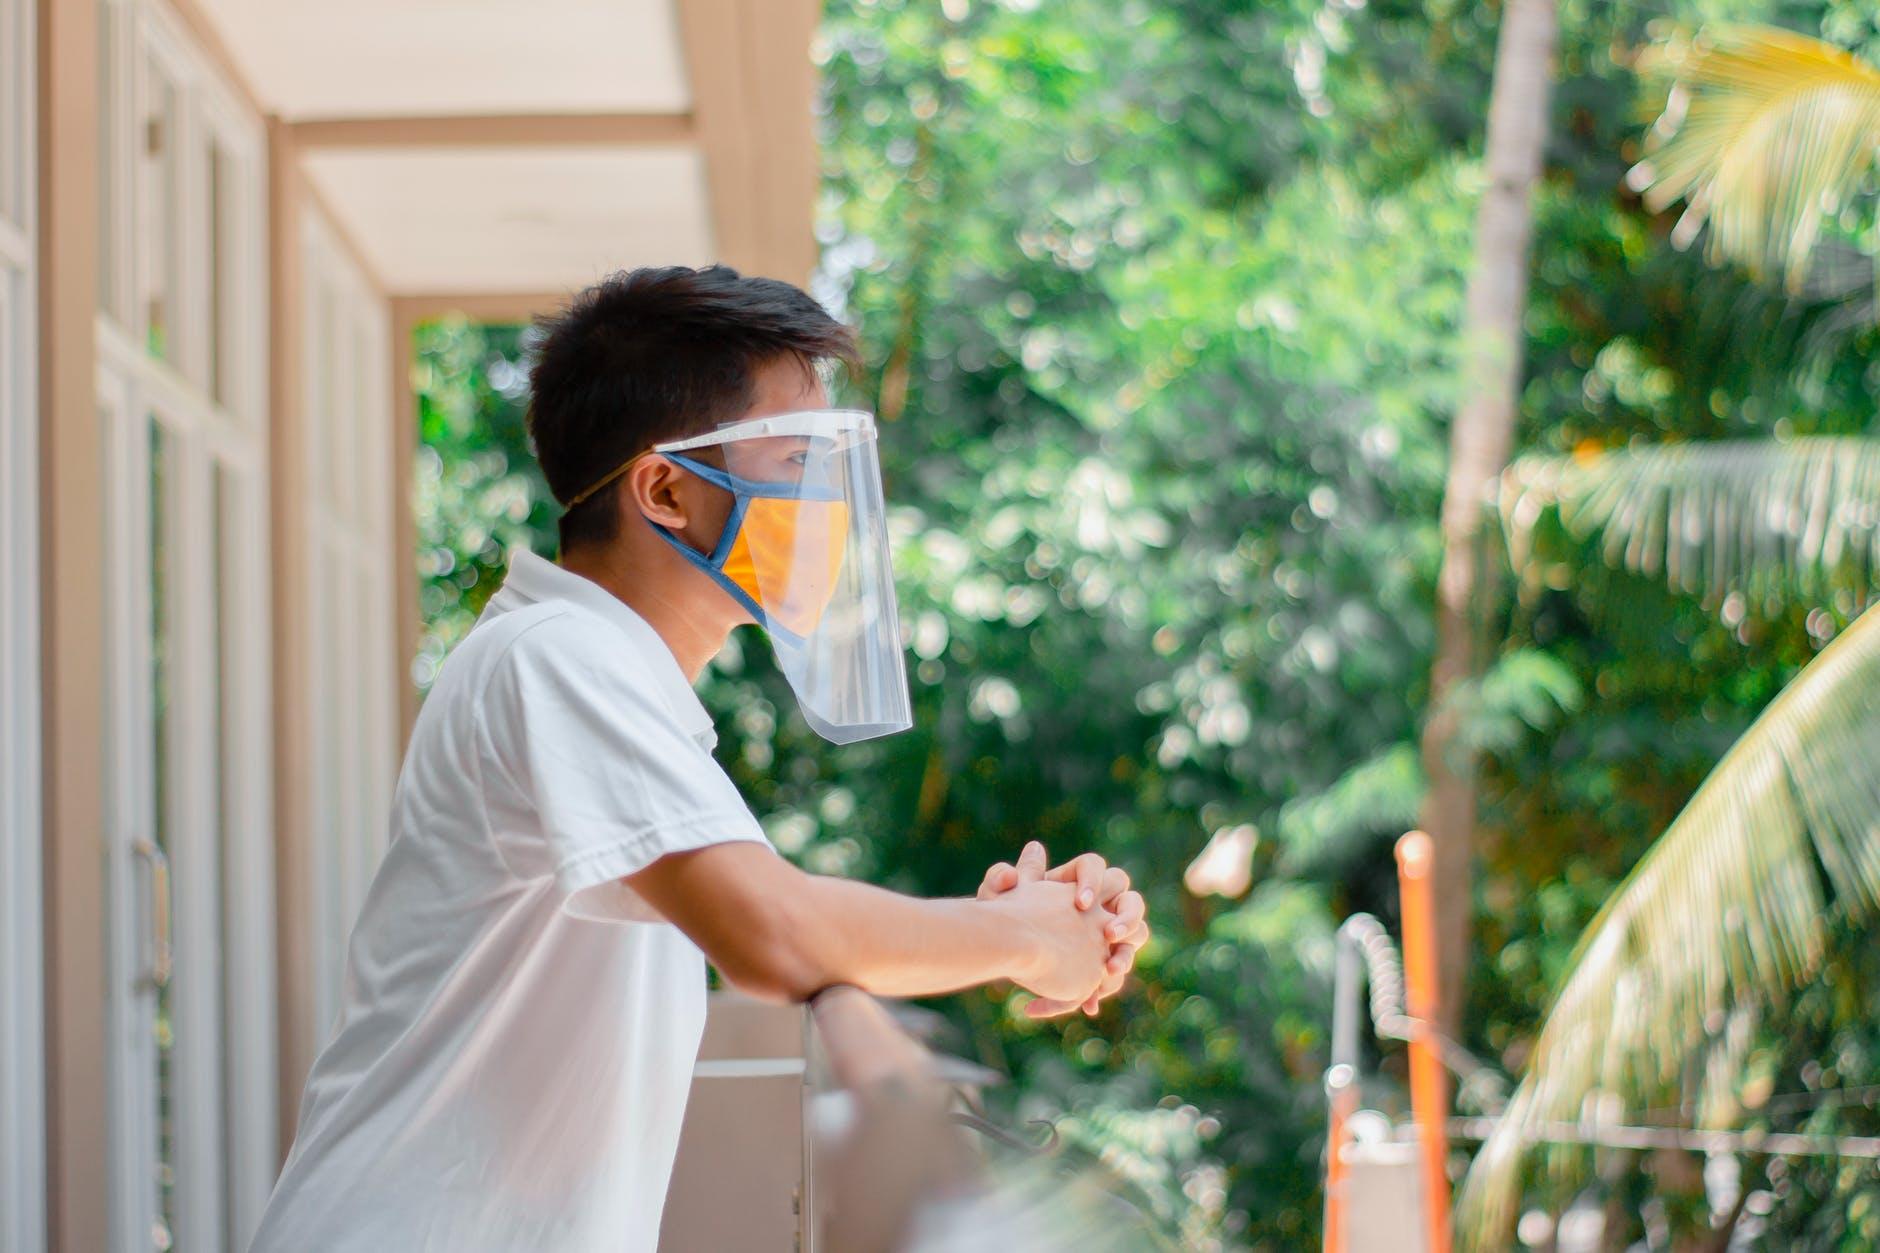 man in white t shirt wearing face mask